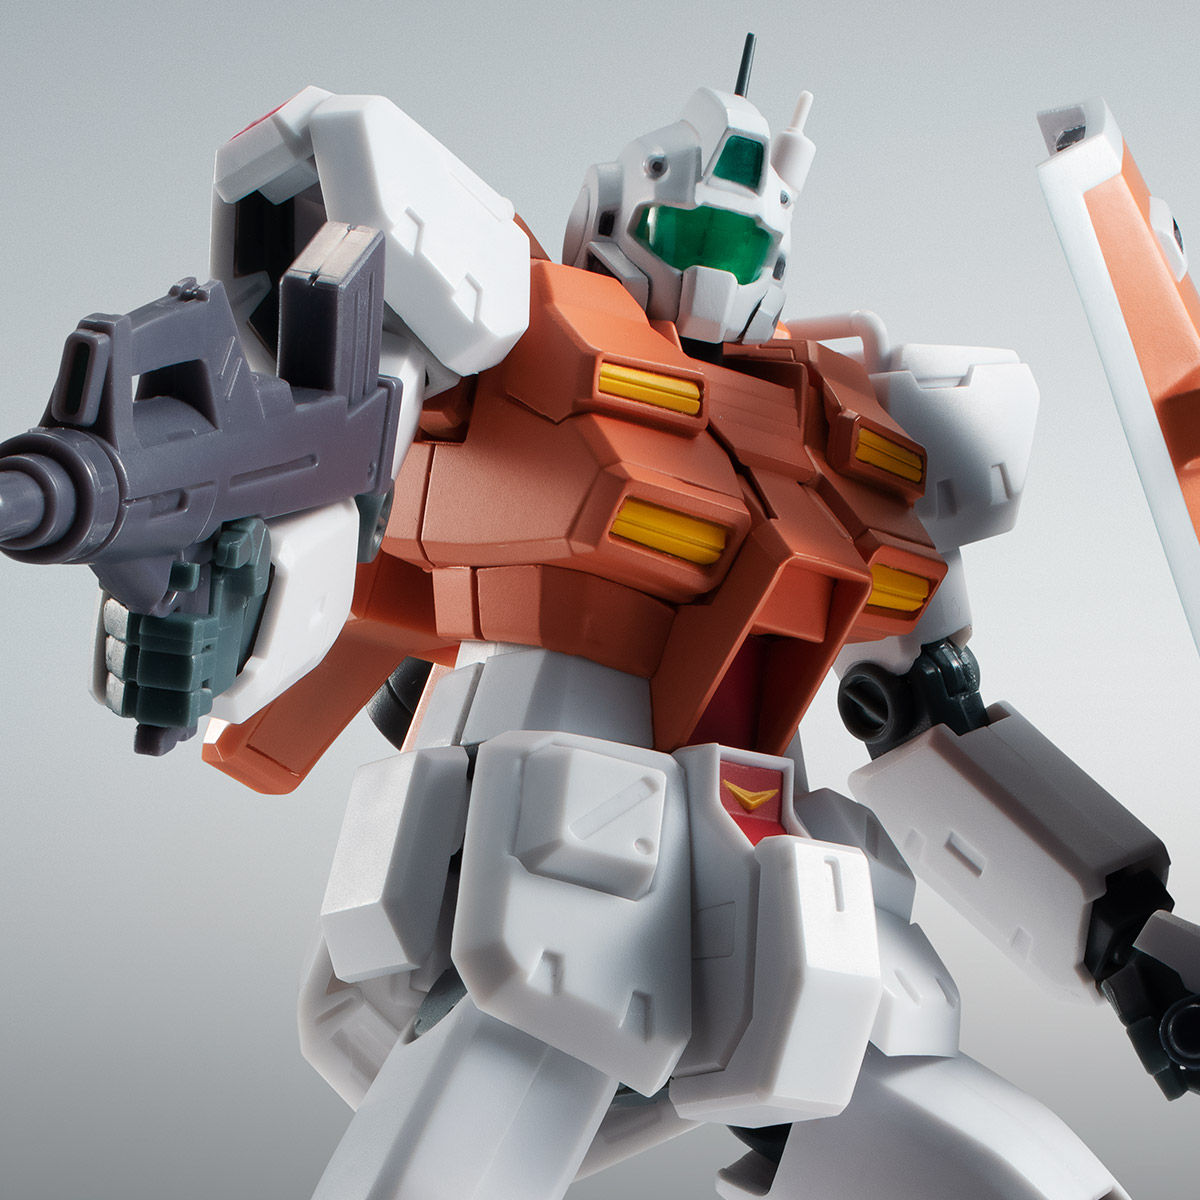 【限定販売】ROBOT魂〈SIDE MS〉『RGM-79 パワード・ジム ver. A.N.I.M.E.』ガンダム0083 可動フィギュア-001